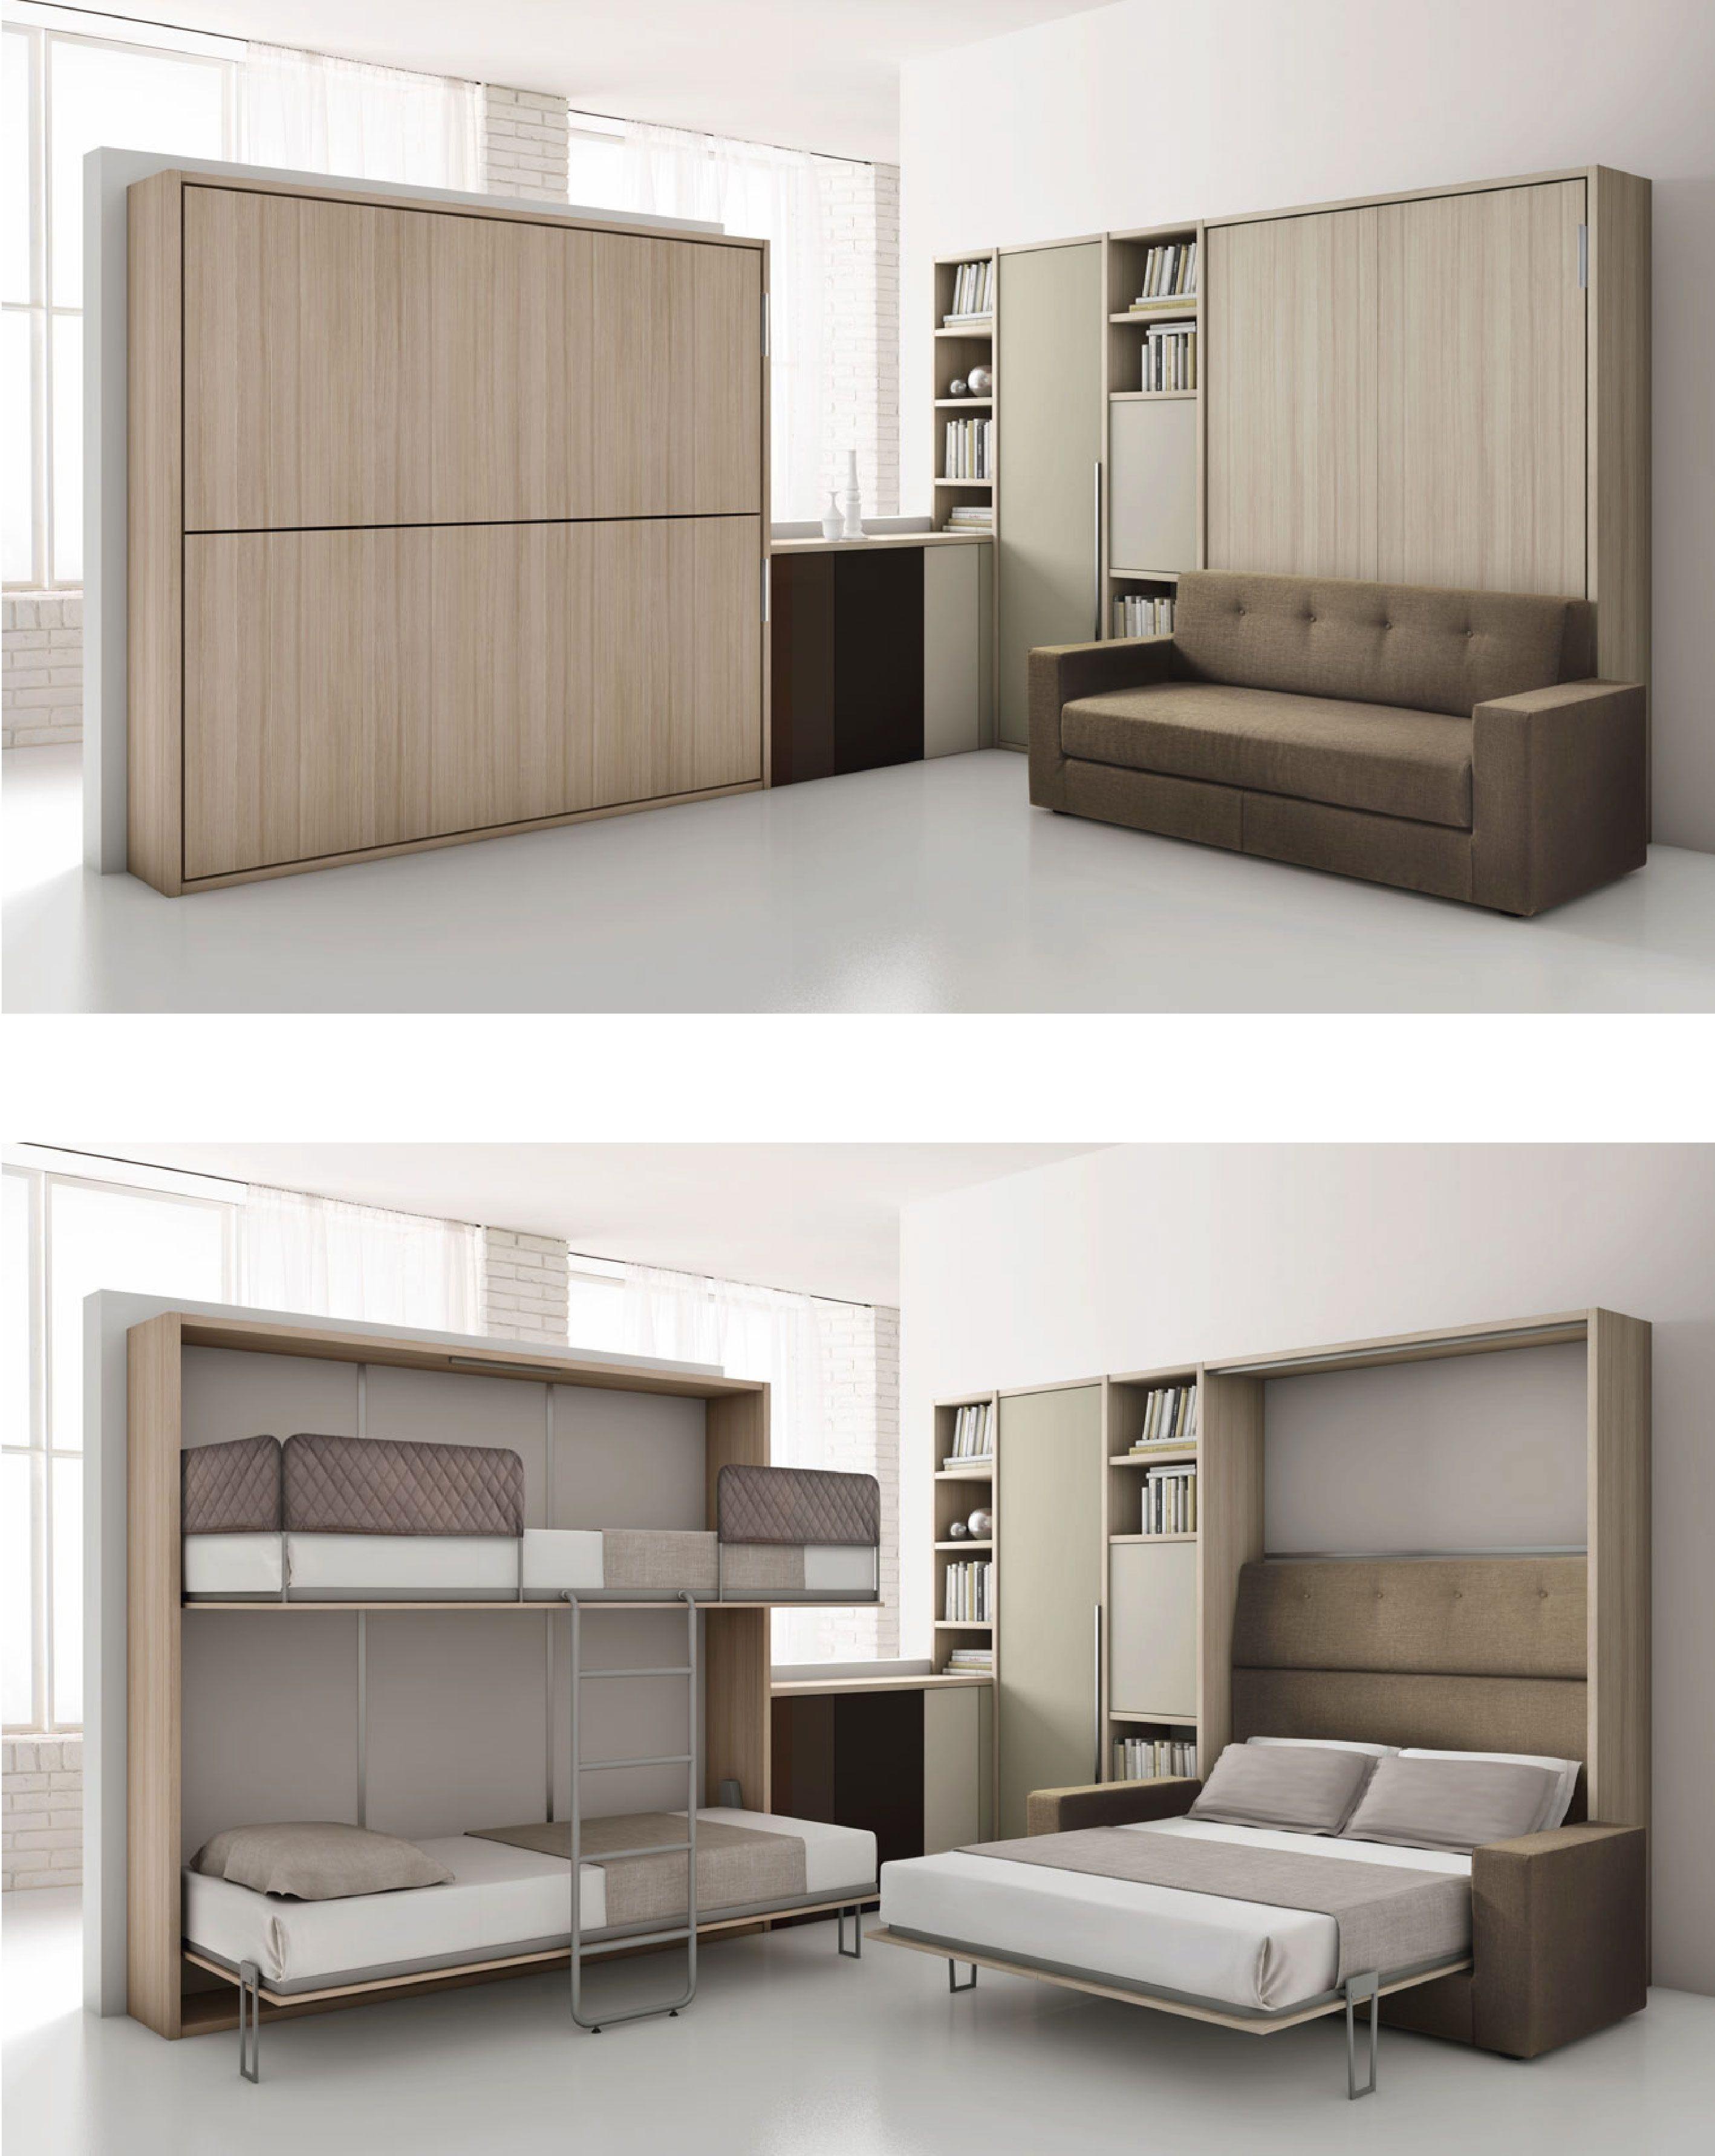 Lit 160×200 Design Bel Beau Armoire Lit 160×200 Avec Lit Armoire 160—200 Awesome Banquette